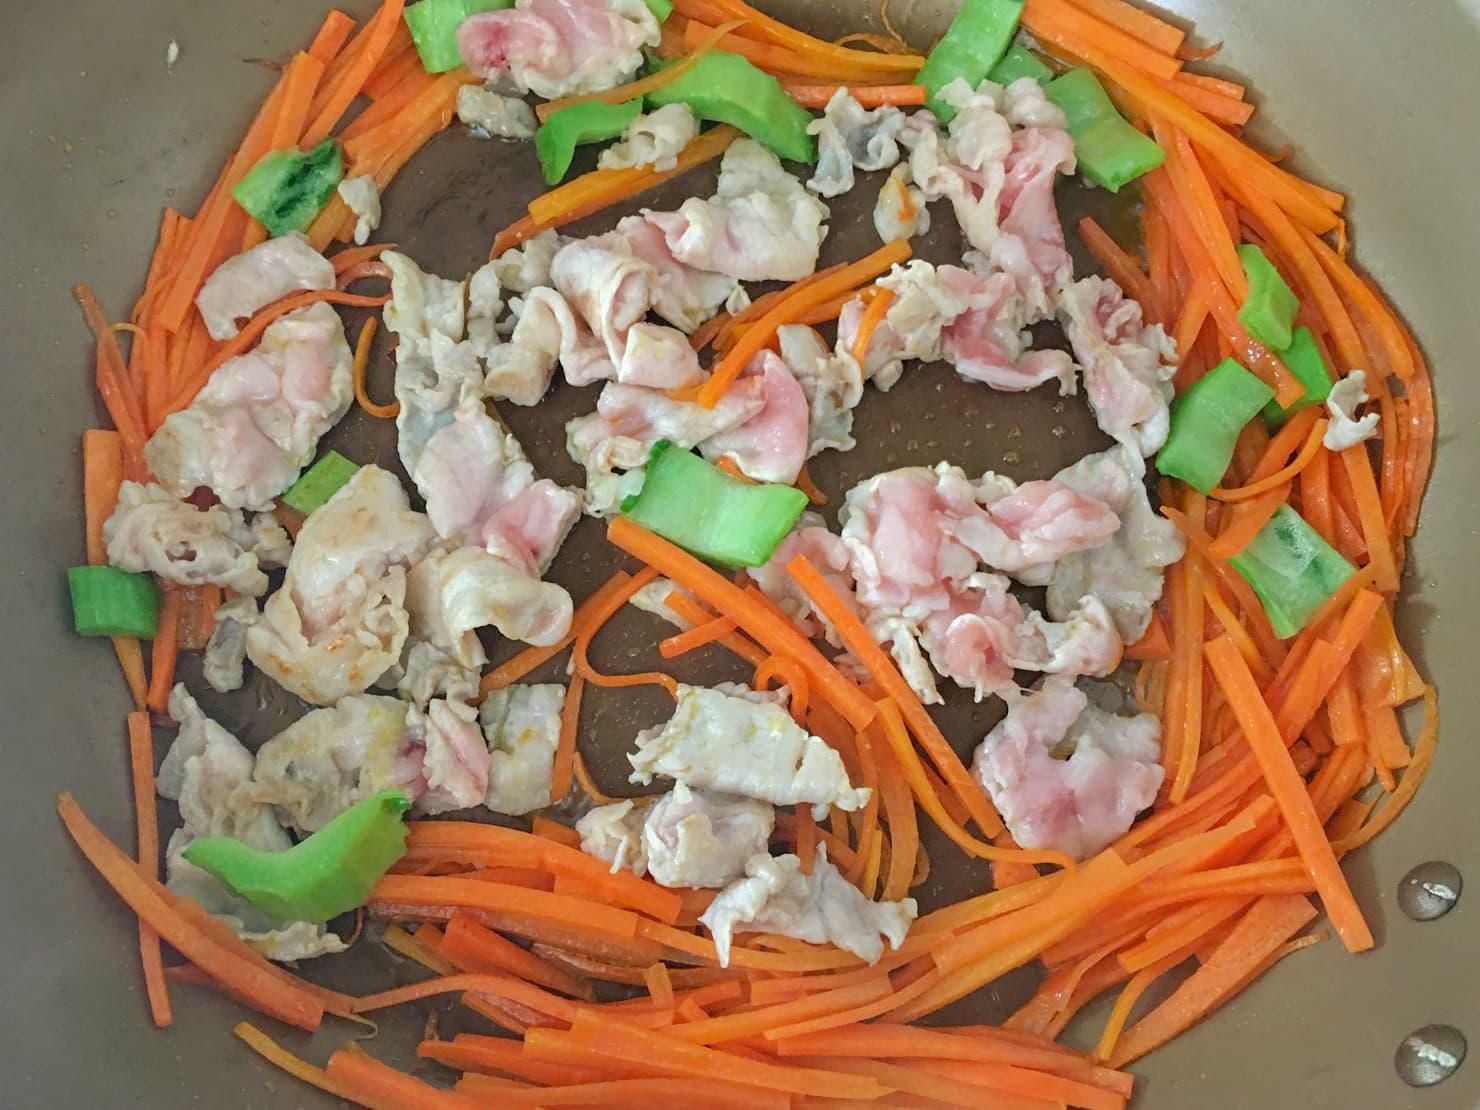 豚肉とかつお菜の茎を炒めているところの写真